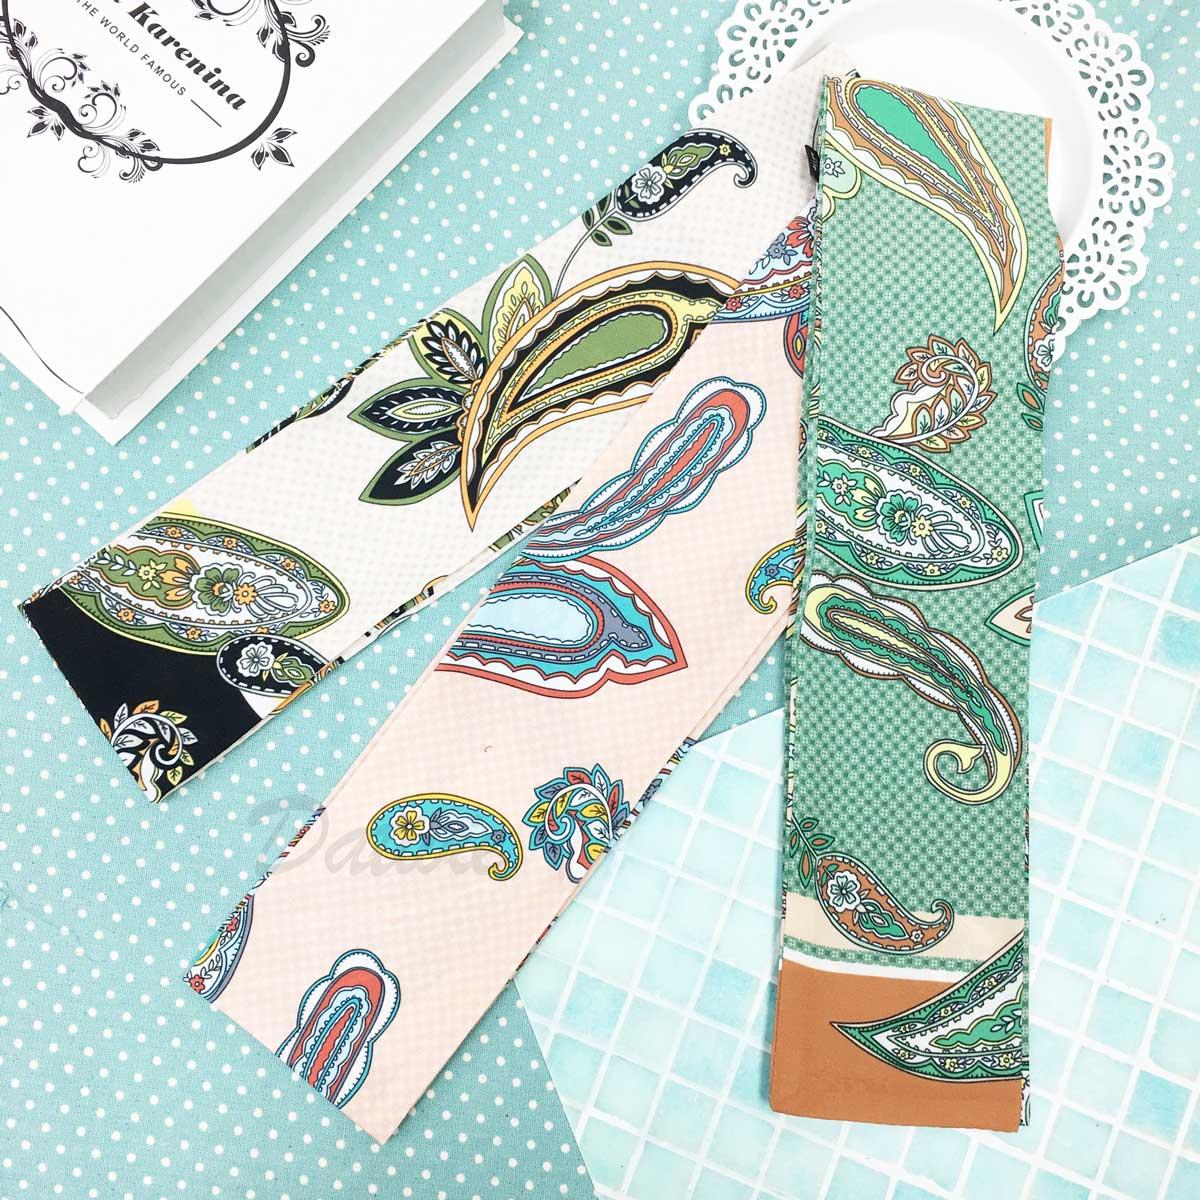 羽毛 樹葉 花 滿版骰子 親膚 領巾 薄絲巾